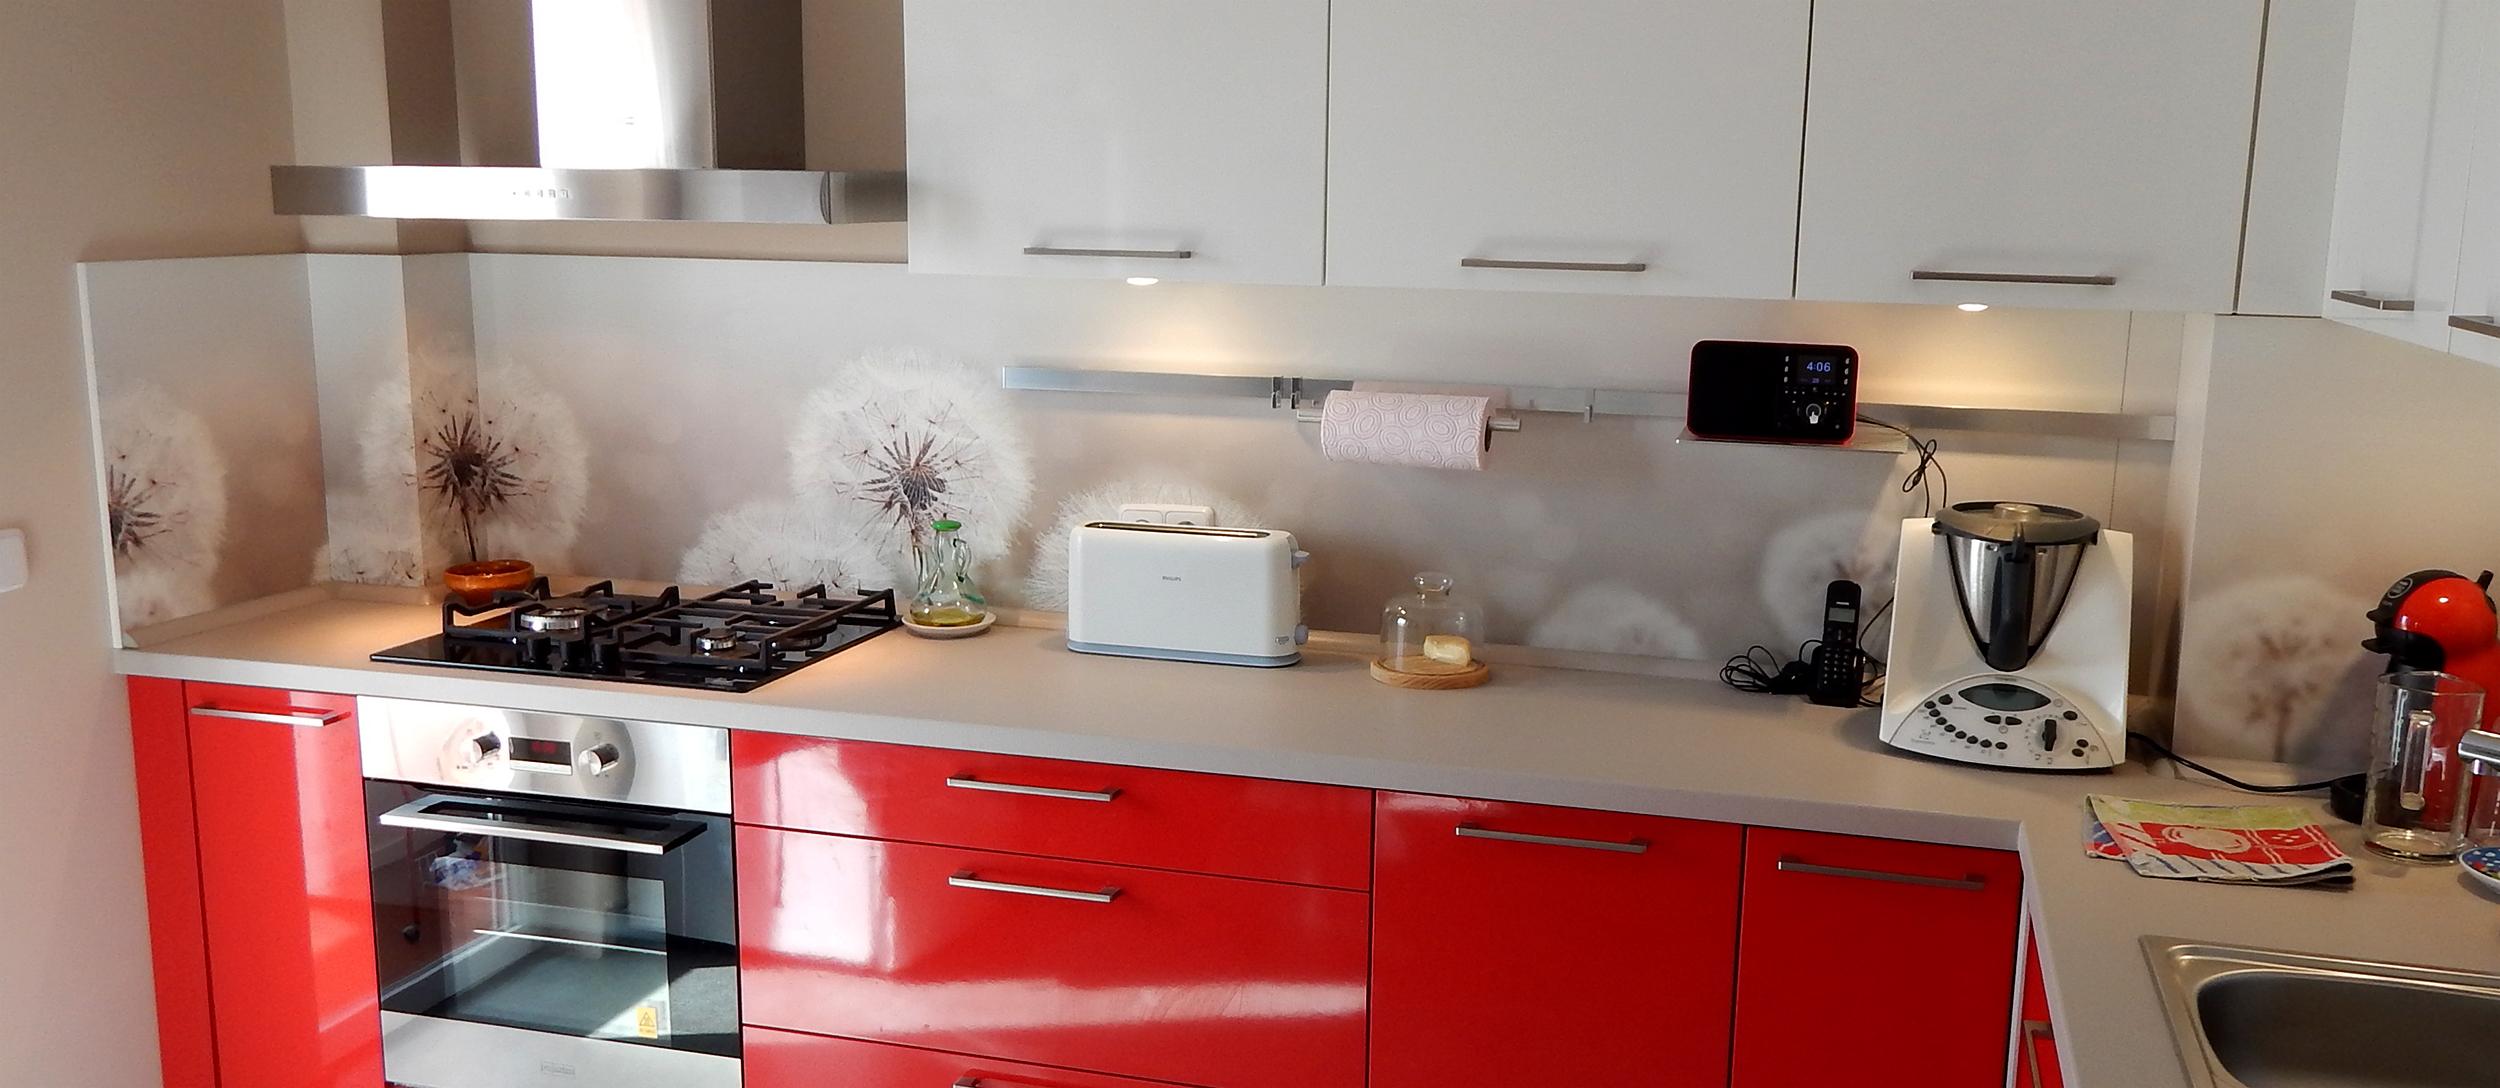 Muebles Cocina Color Rojo : Muebles de cocina modelo neo cocinasalemanas